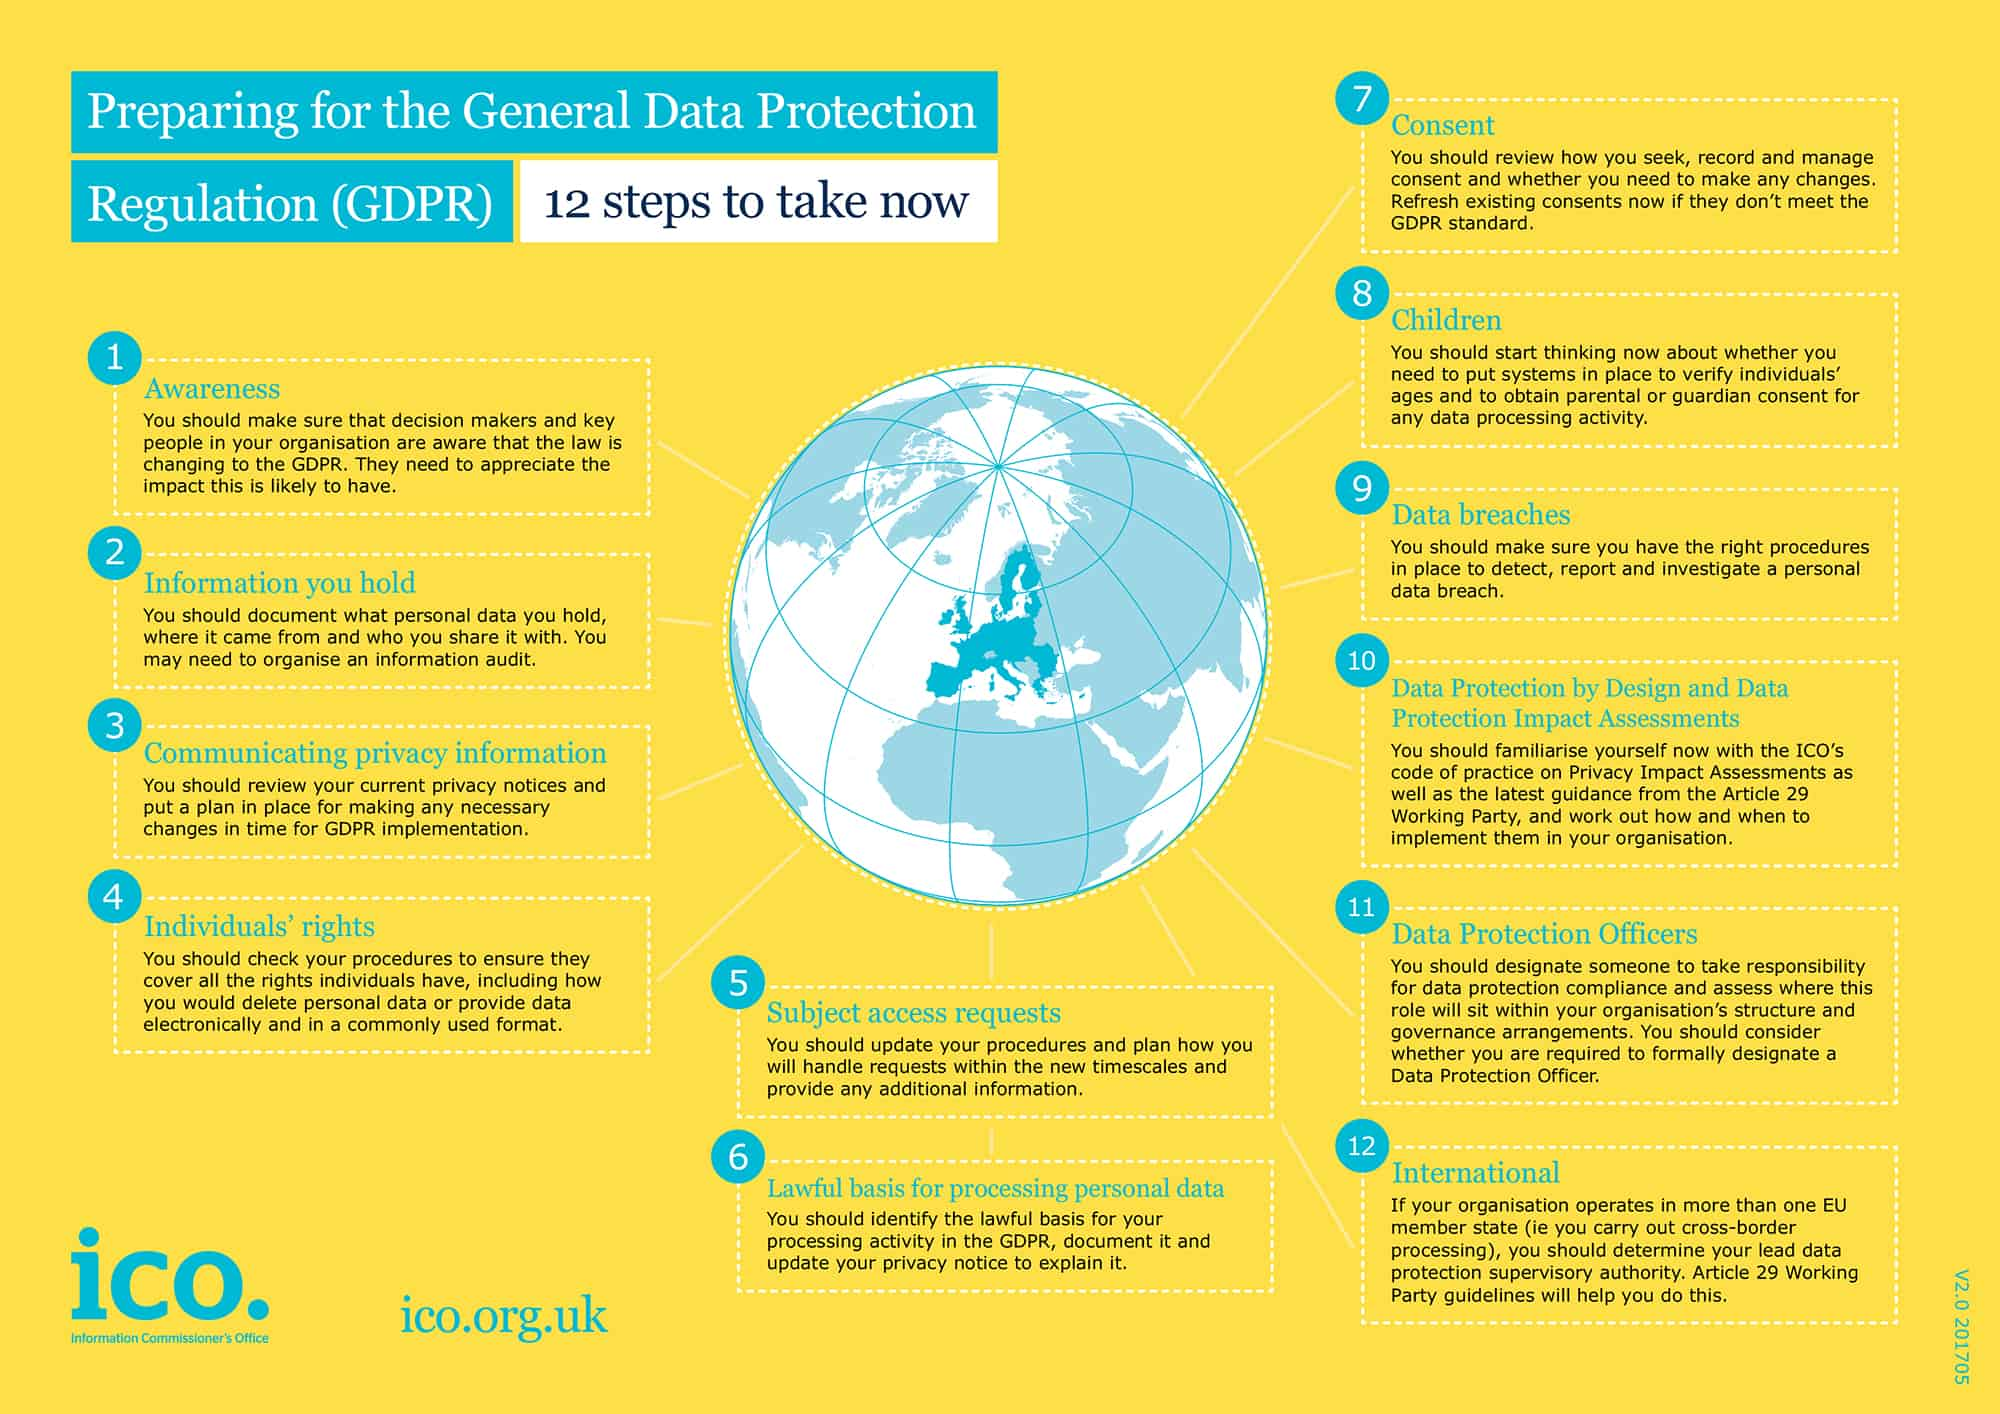 ICO GDPR 12 Steps